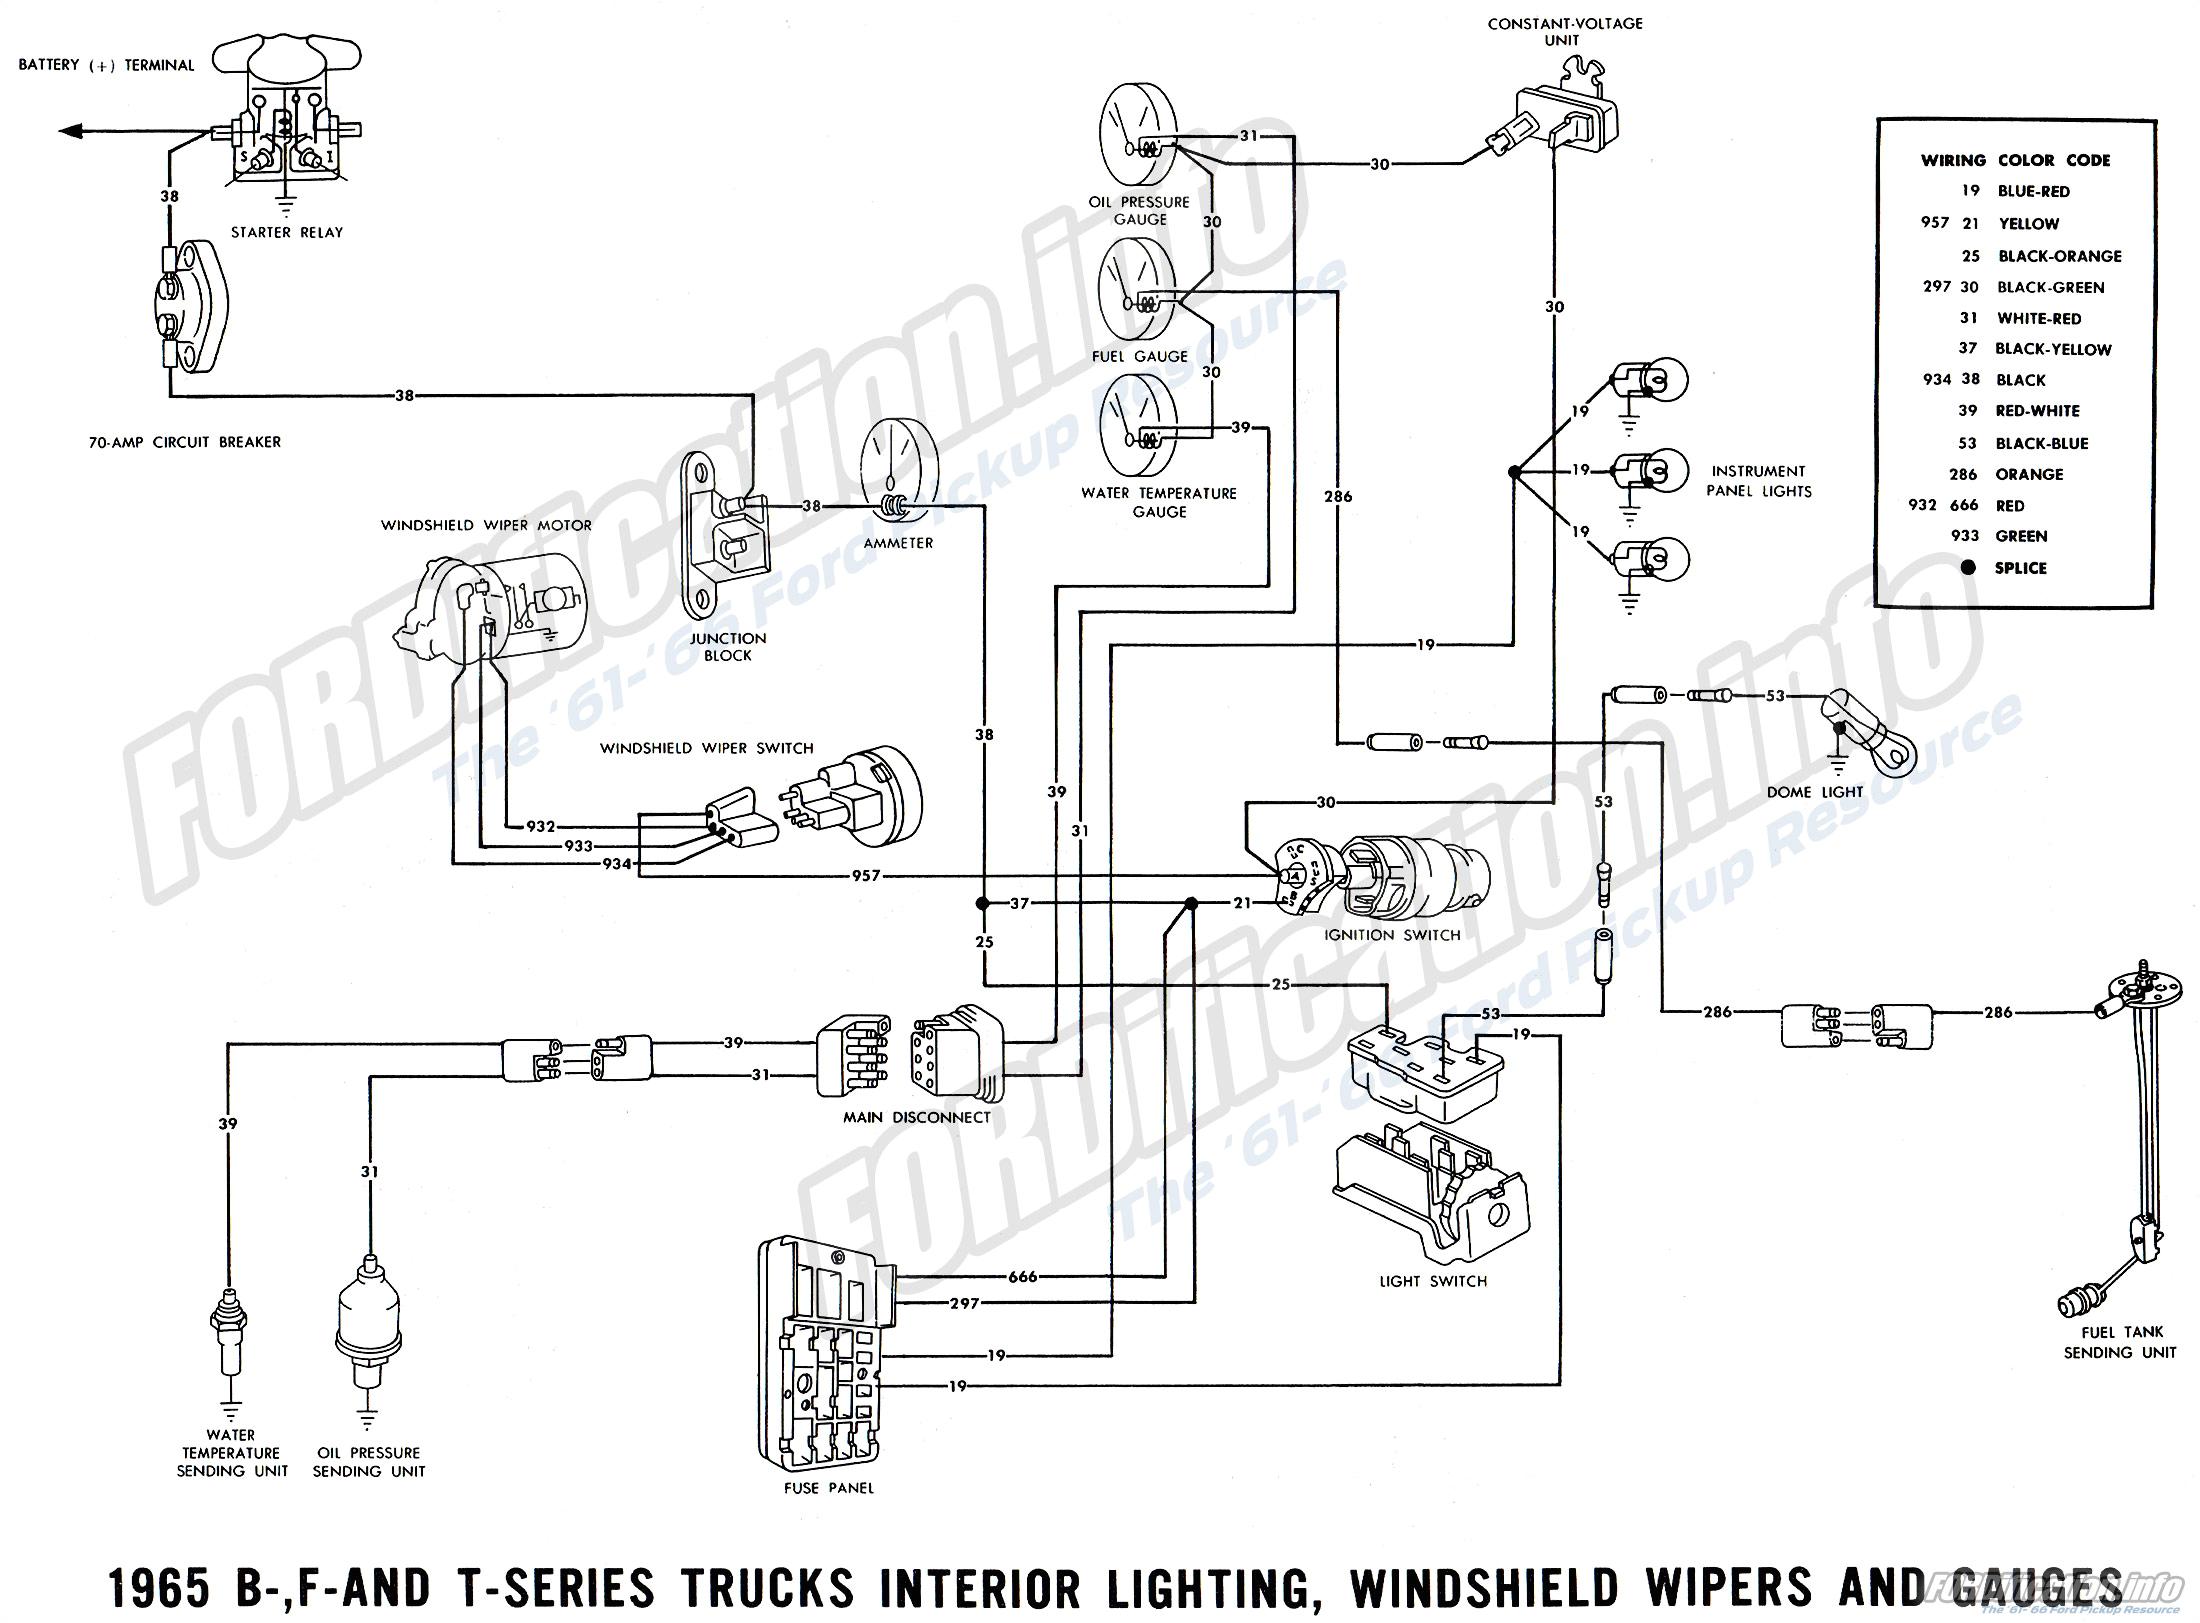 1965 ford F100 Alternator Wiring Diagram Wrg 5324 65 ford F100 Wiring Diagrams Truck